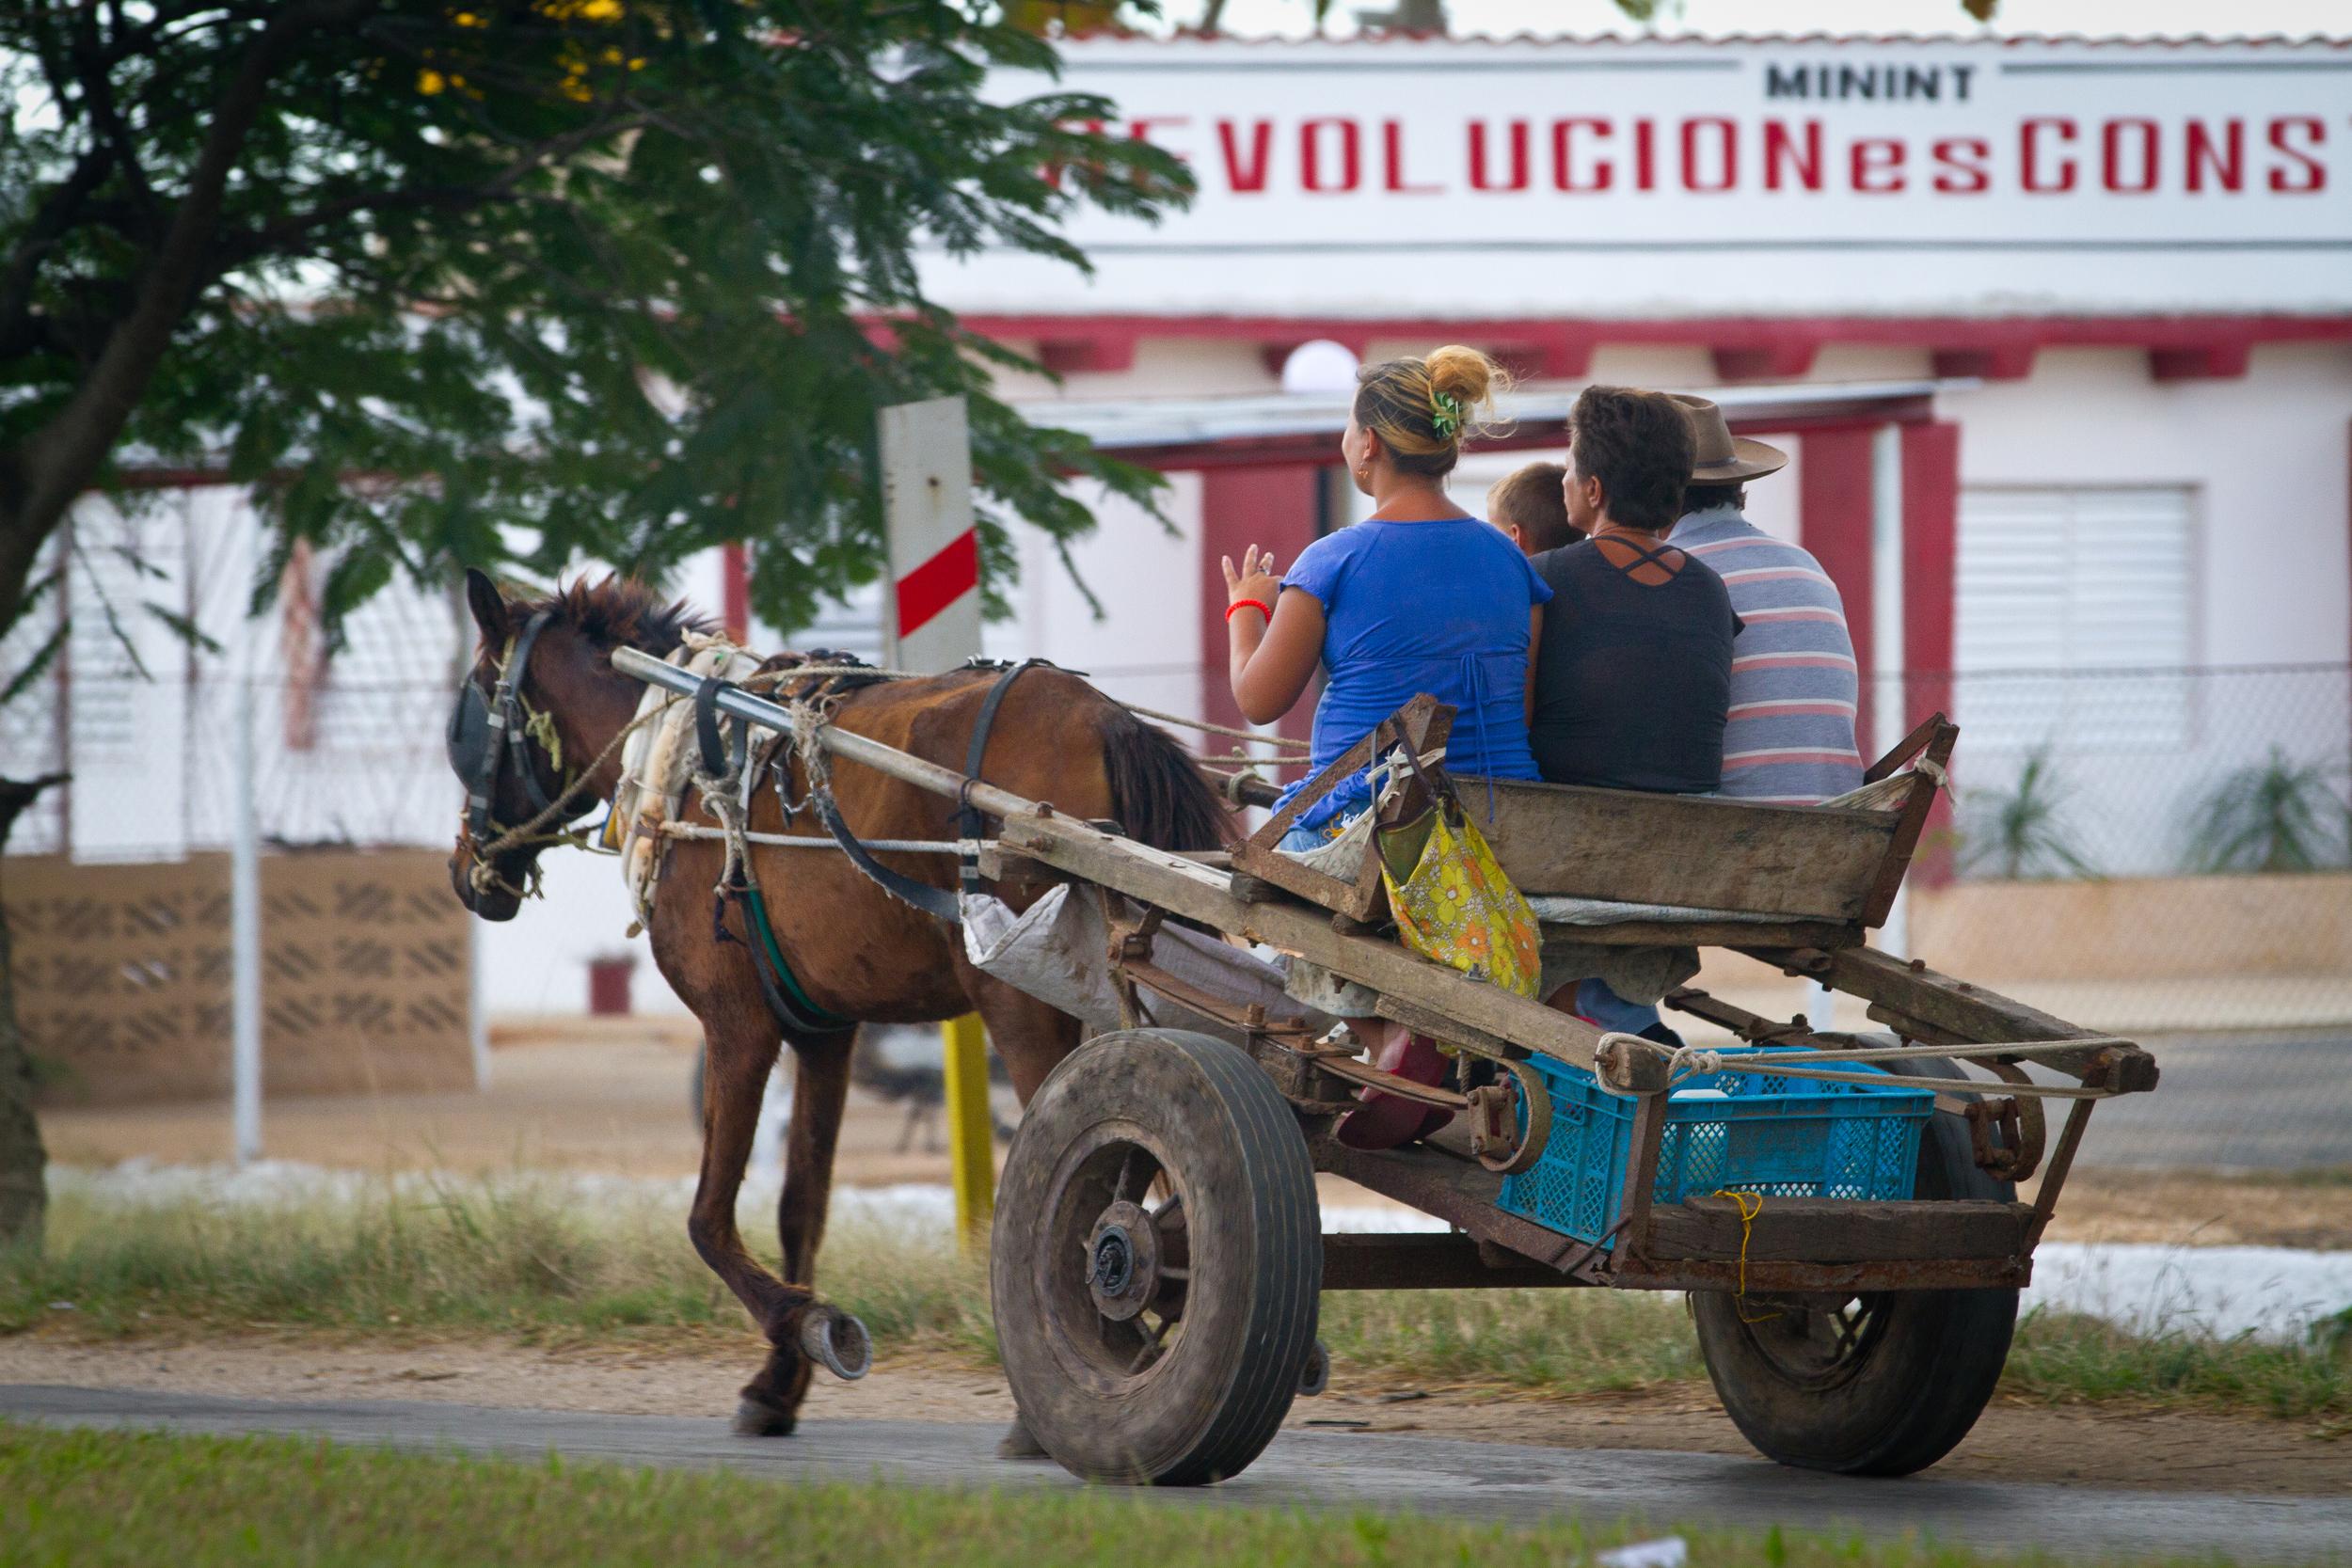 Locals using local transportation, Ciego de Avila, Cuba